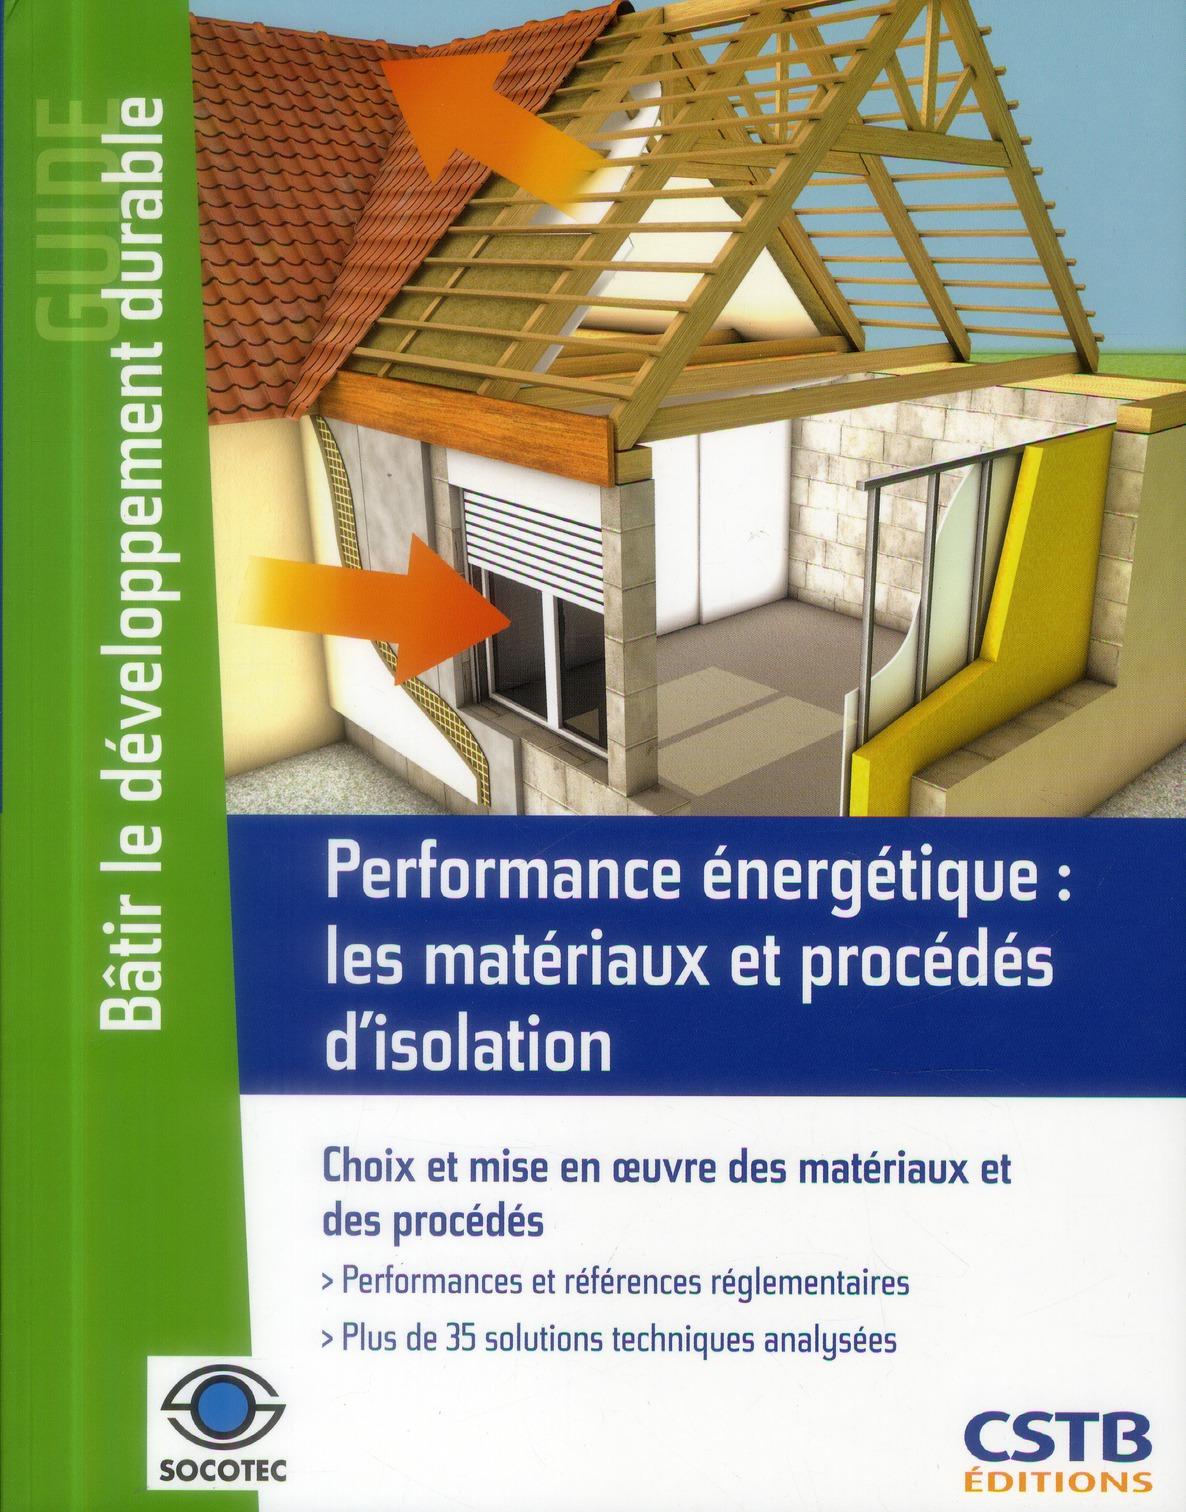 Performance énergétique ; les matériaux et procédés d'isolation